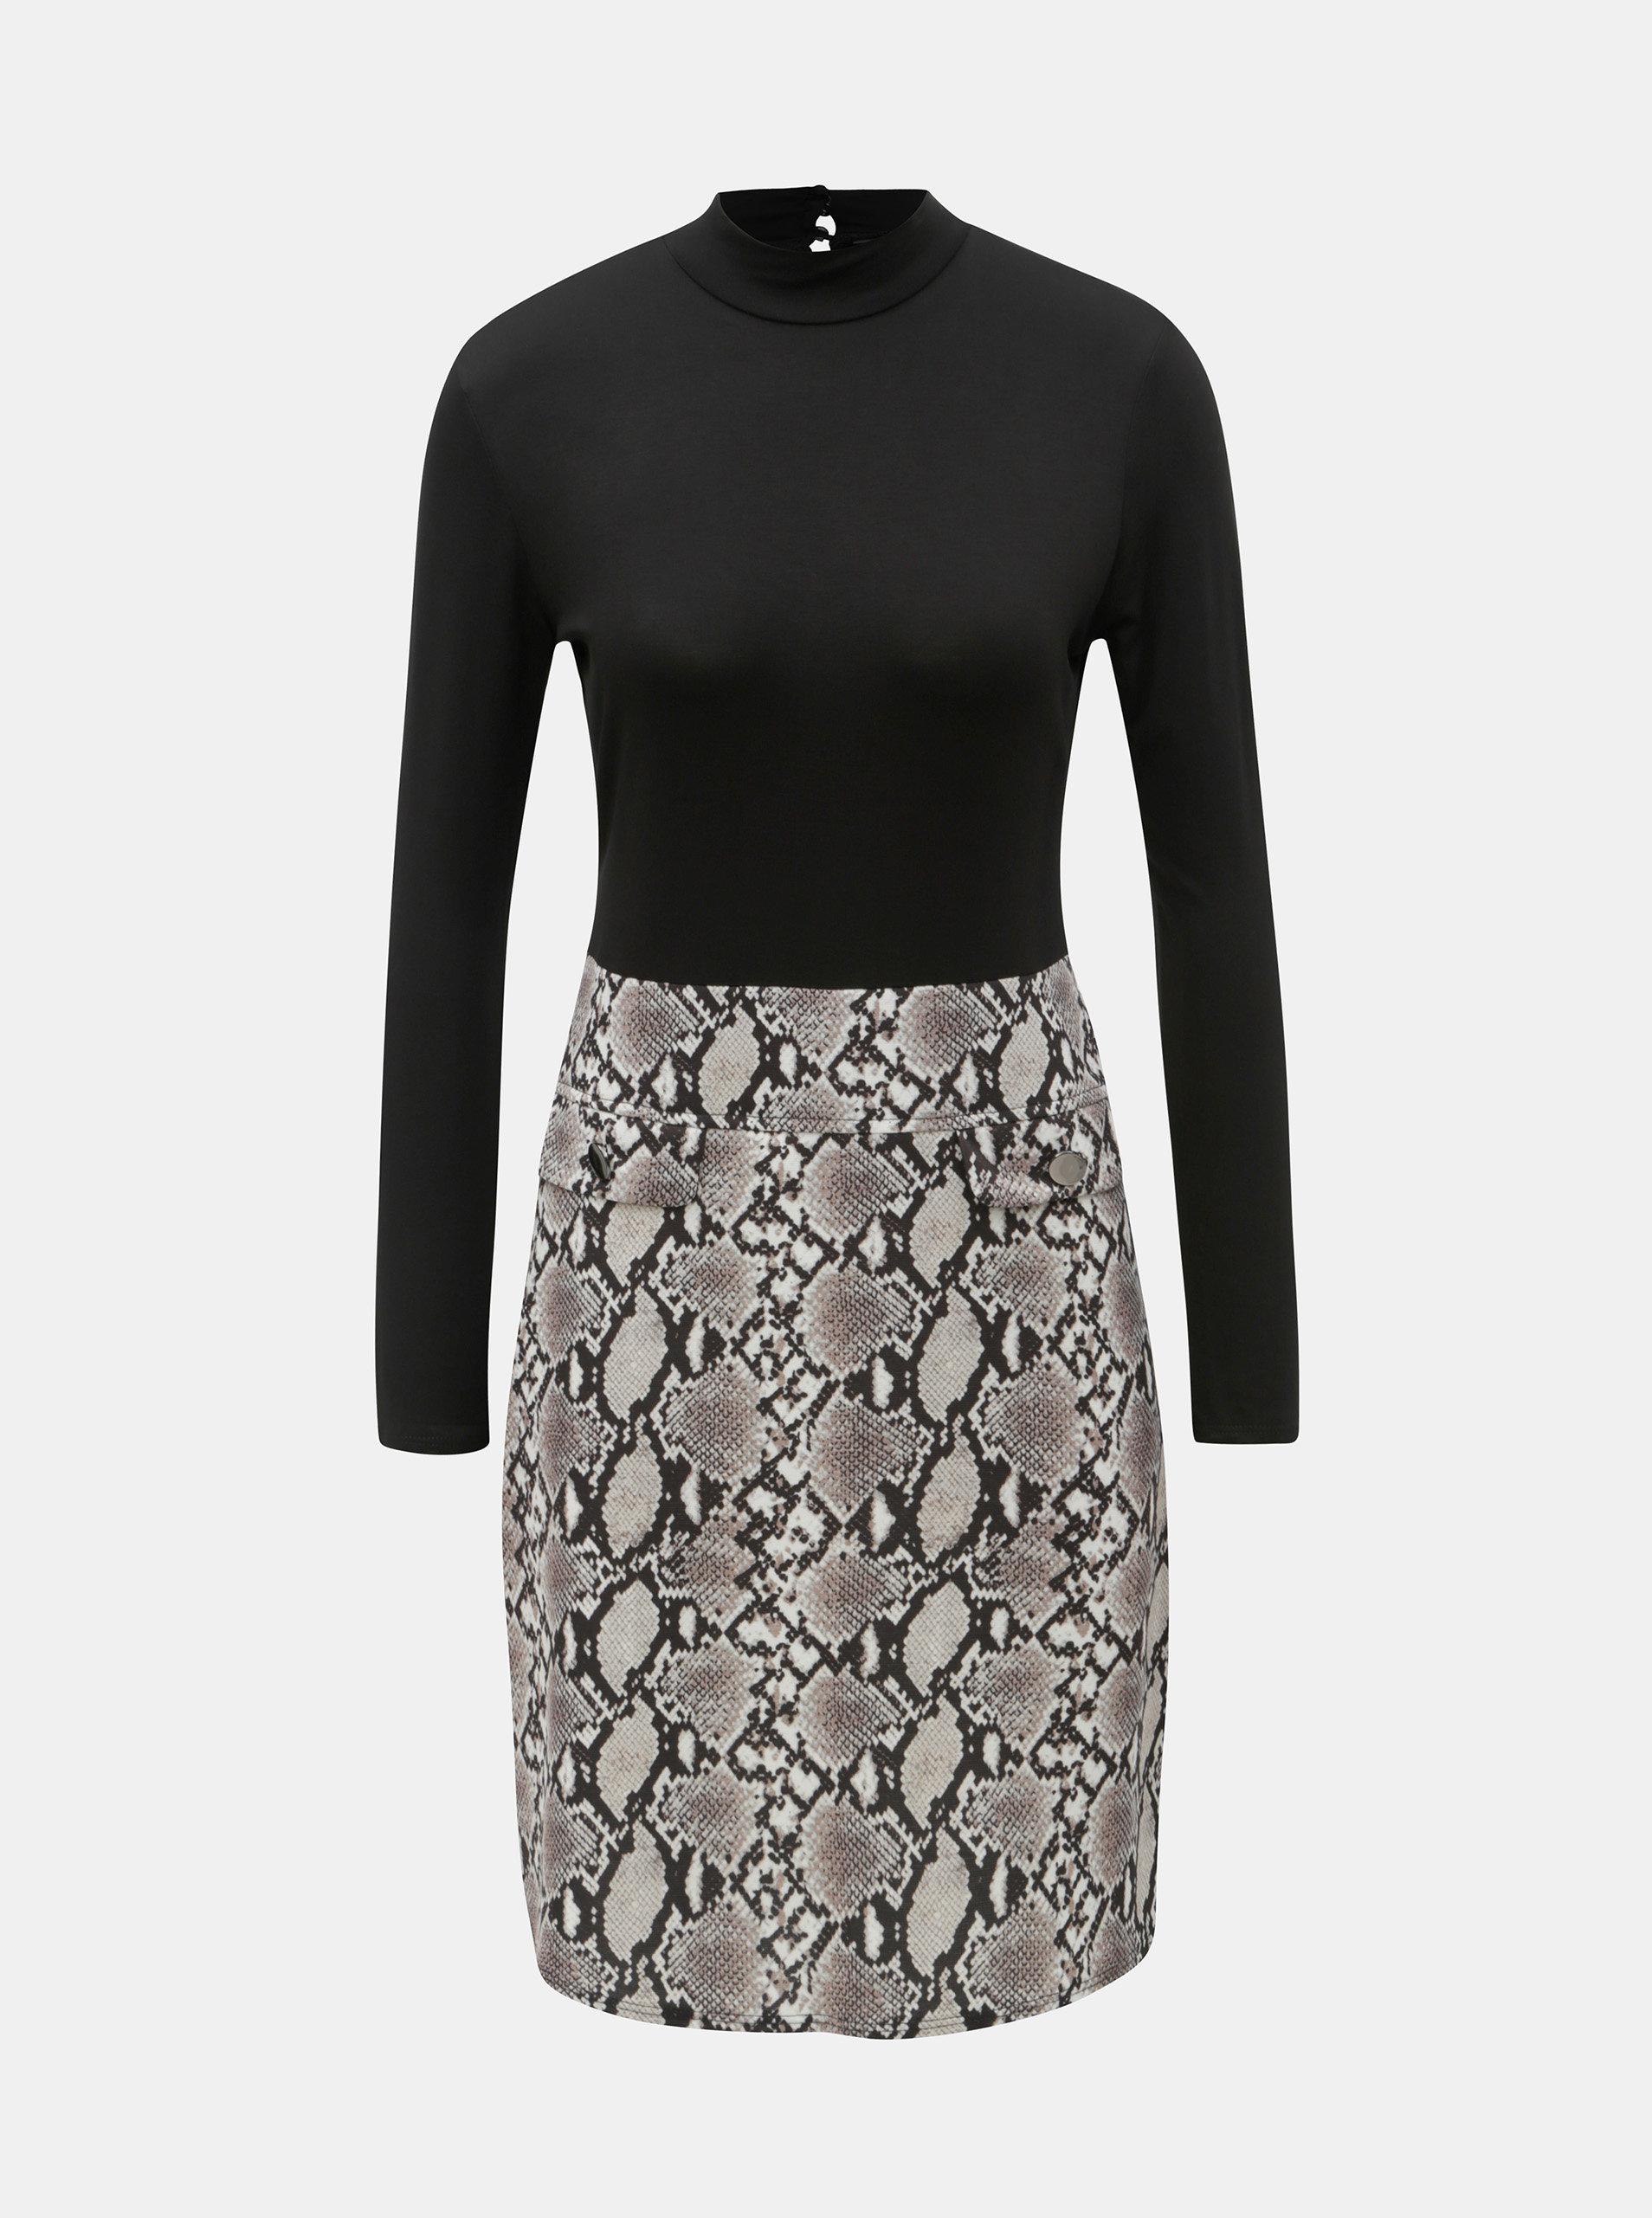 Béžovo-černé šaty s hadím vzorem Dorothy Perkins ... 59c033ab54